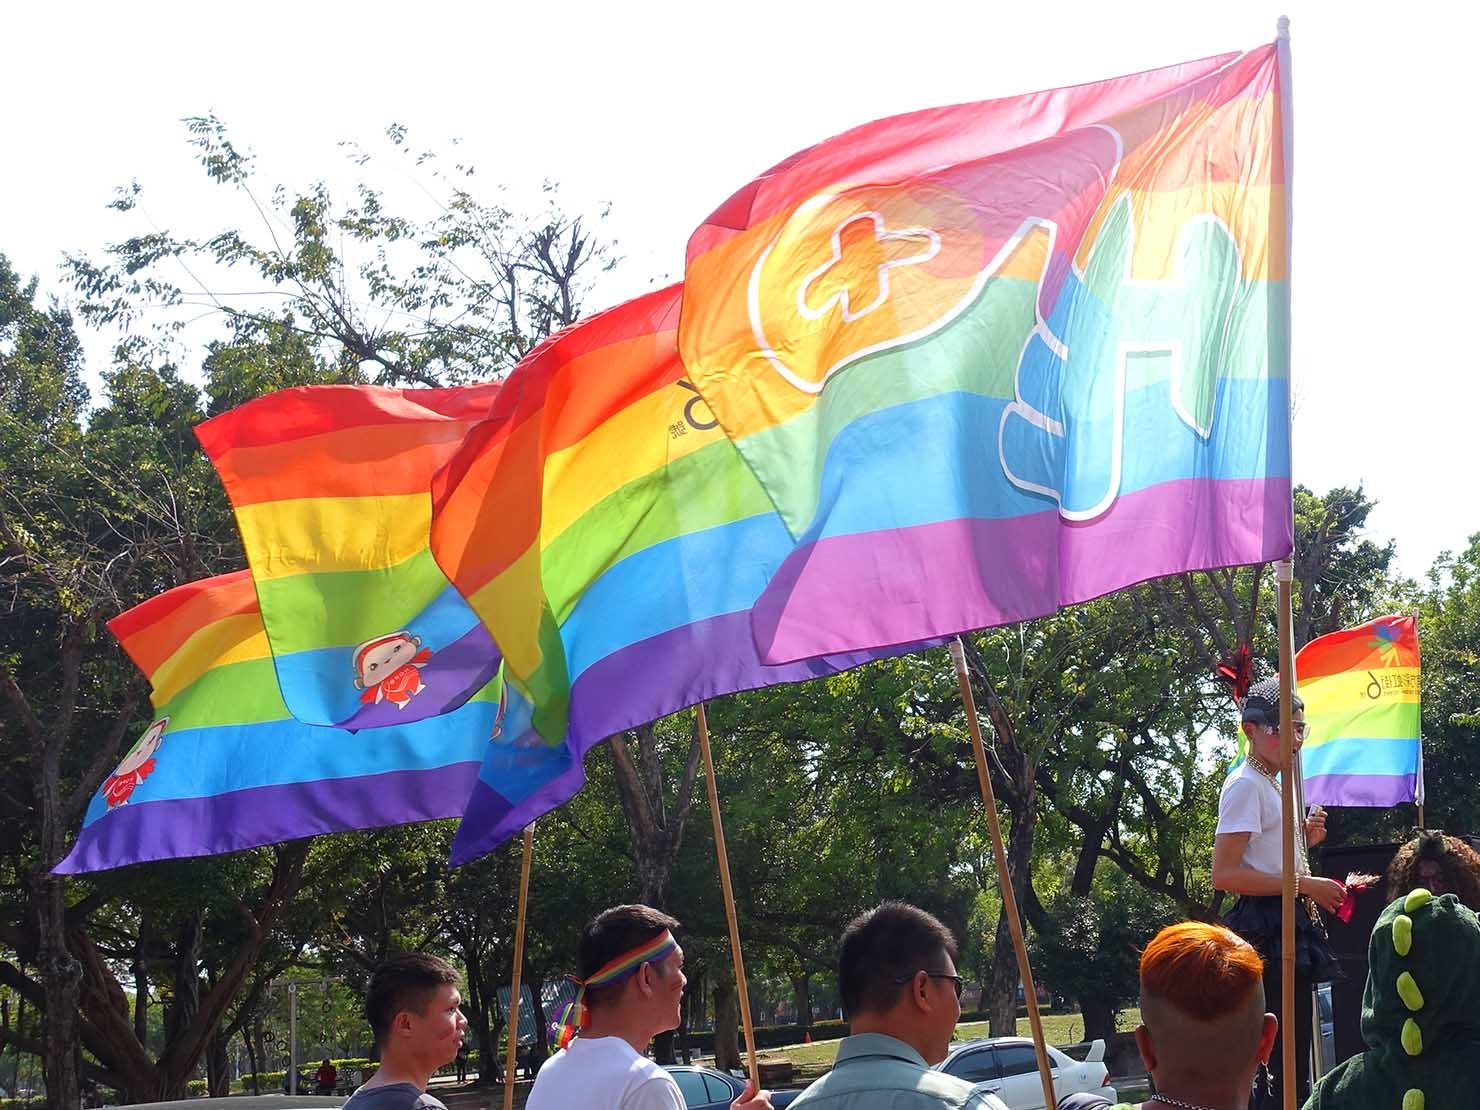 2018年台湾最初のLGBTプライド「台南彩虹遊行(台南レインボーパレード)」のパレード隊列にはためくレインボーフラッグ